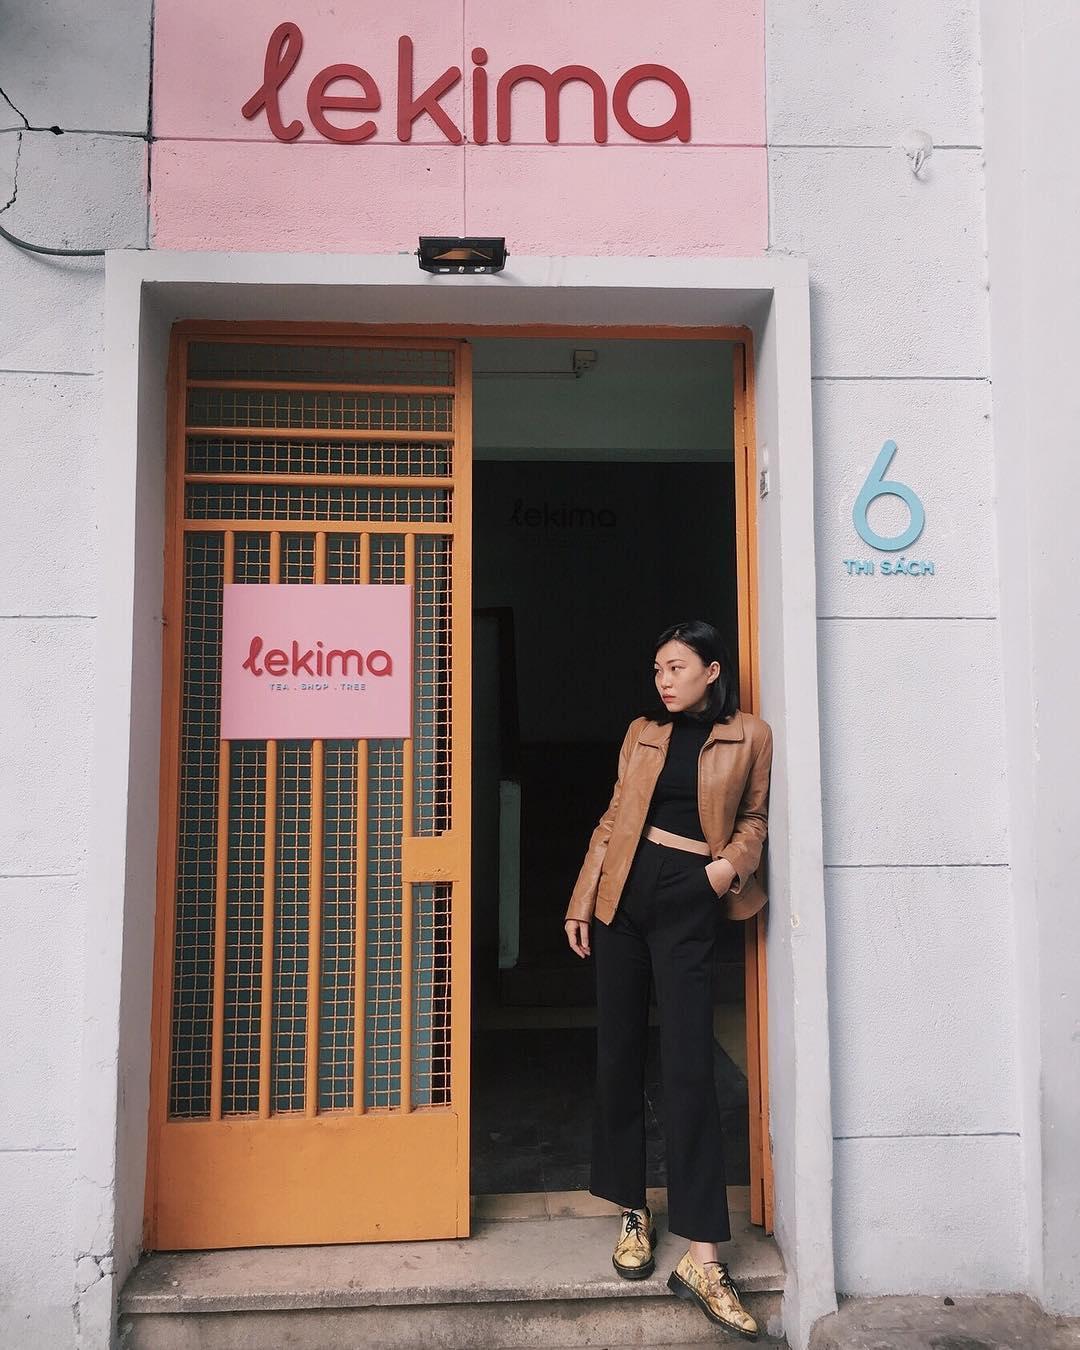 Khám phá Lekima - góc sống ảo mới của giới trẻ Sài thành